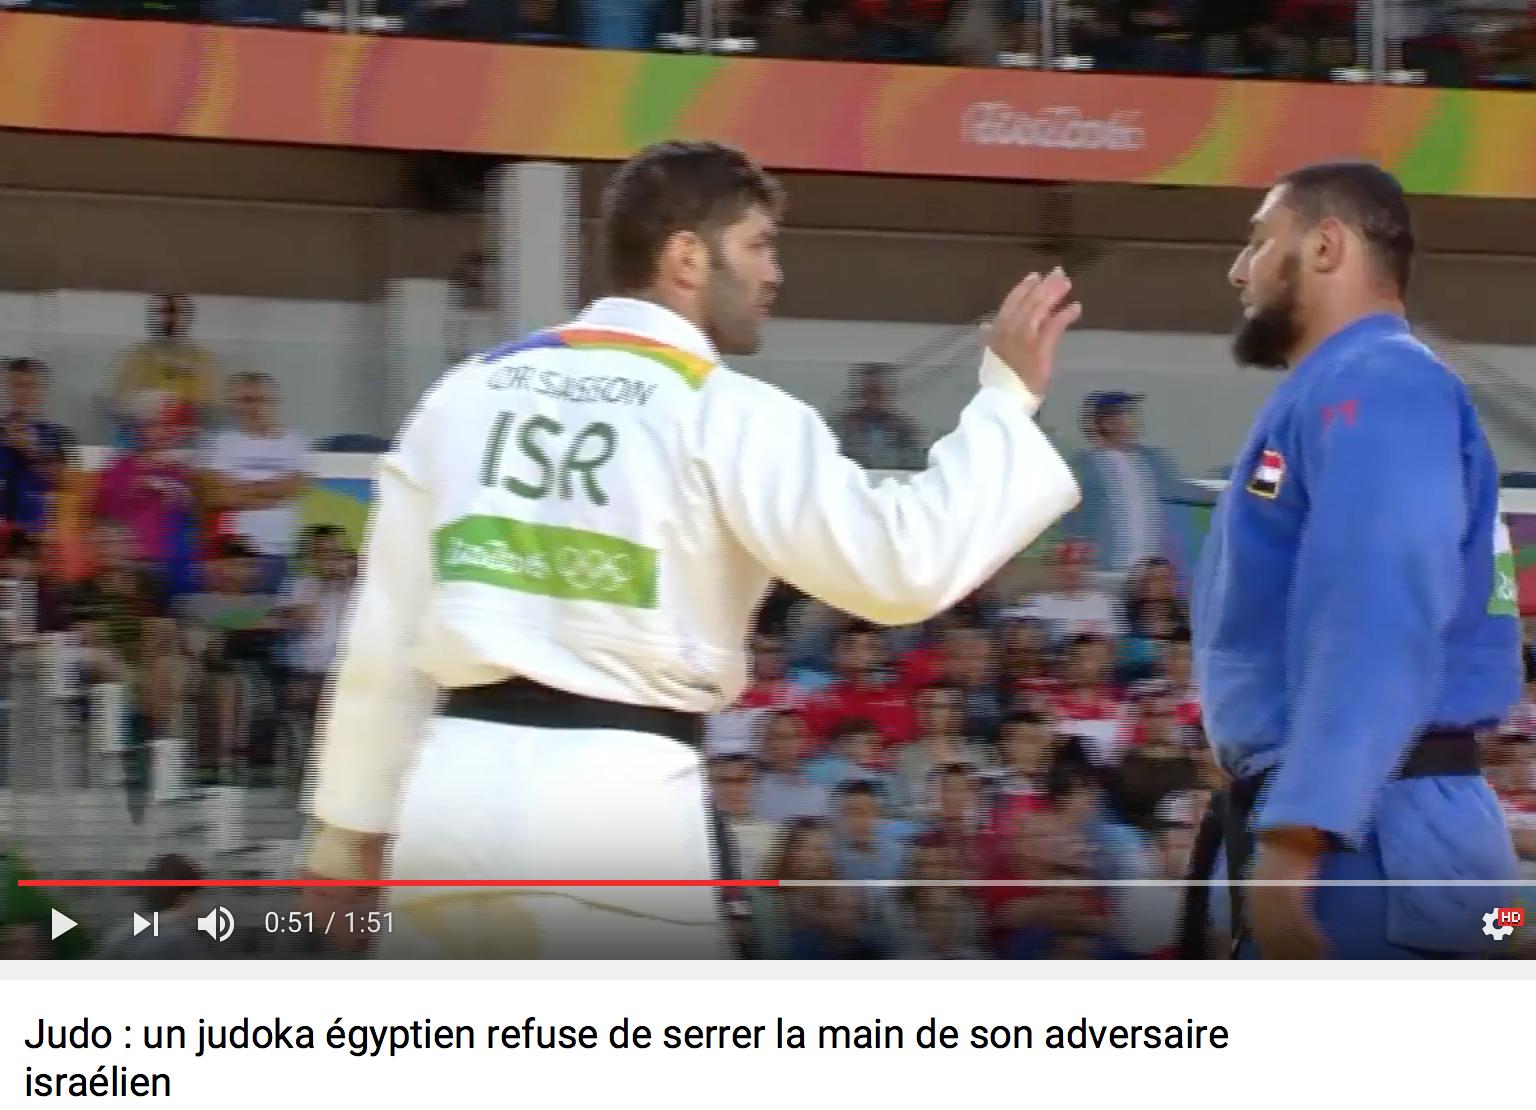 Rio : un barbu, judoka égyptien, refuse de serrer la main de son adversaire israélien